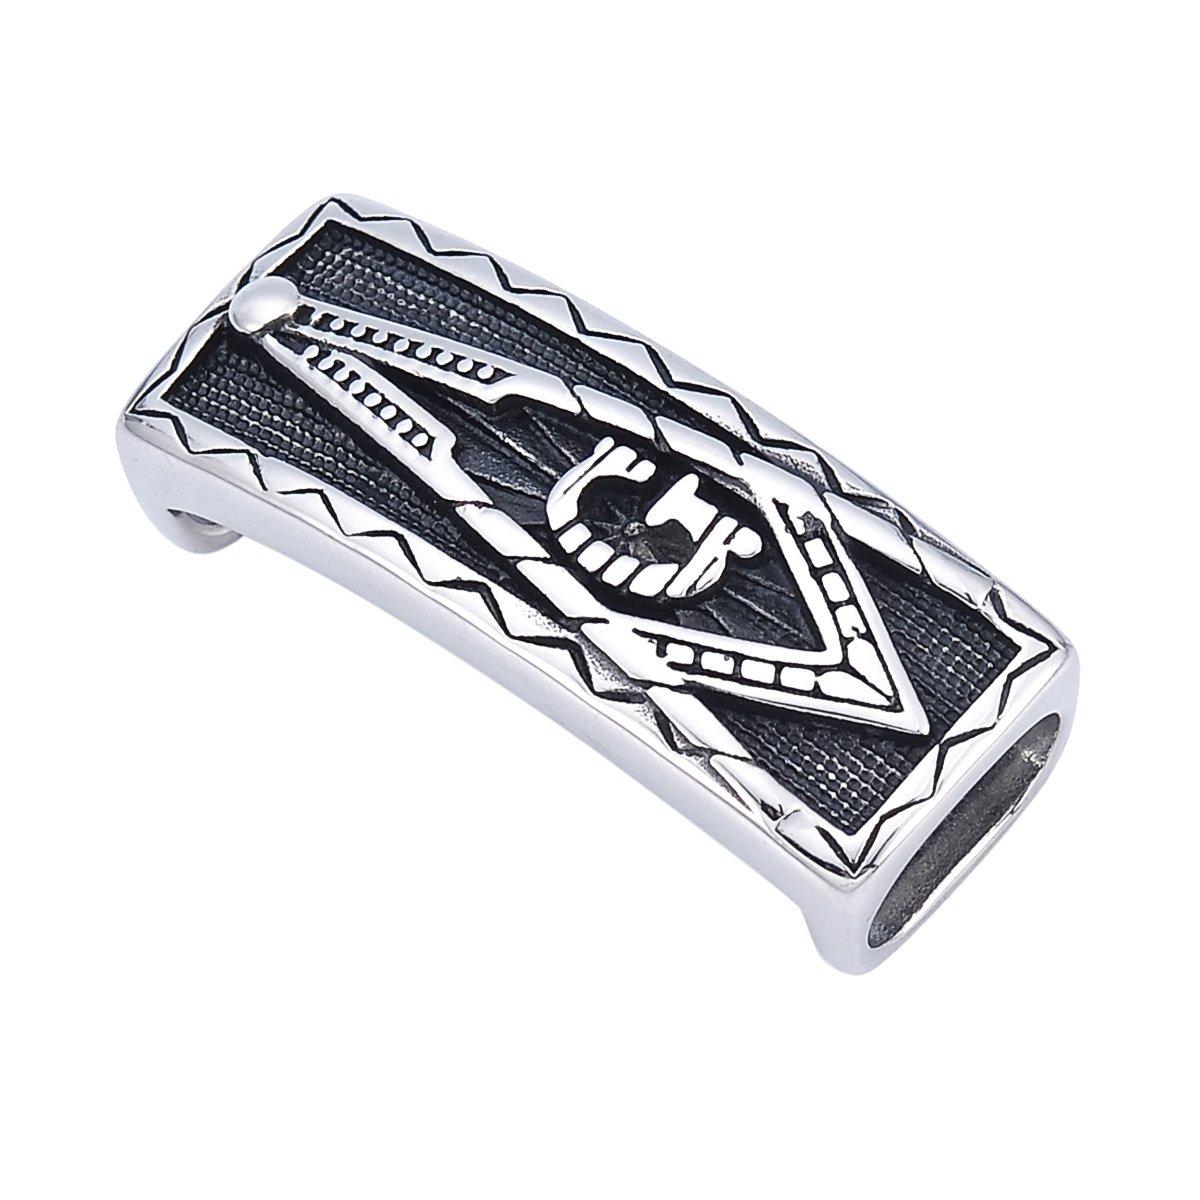 para collar cadena y joyas hacer 40/mmx15/mm agujero: 12mmx7/mm YF 2/pcs antiguo plata acero inoxidable logo s/ímbolo mas/ónico cuadrado tubo collar accesorios